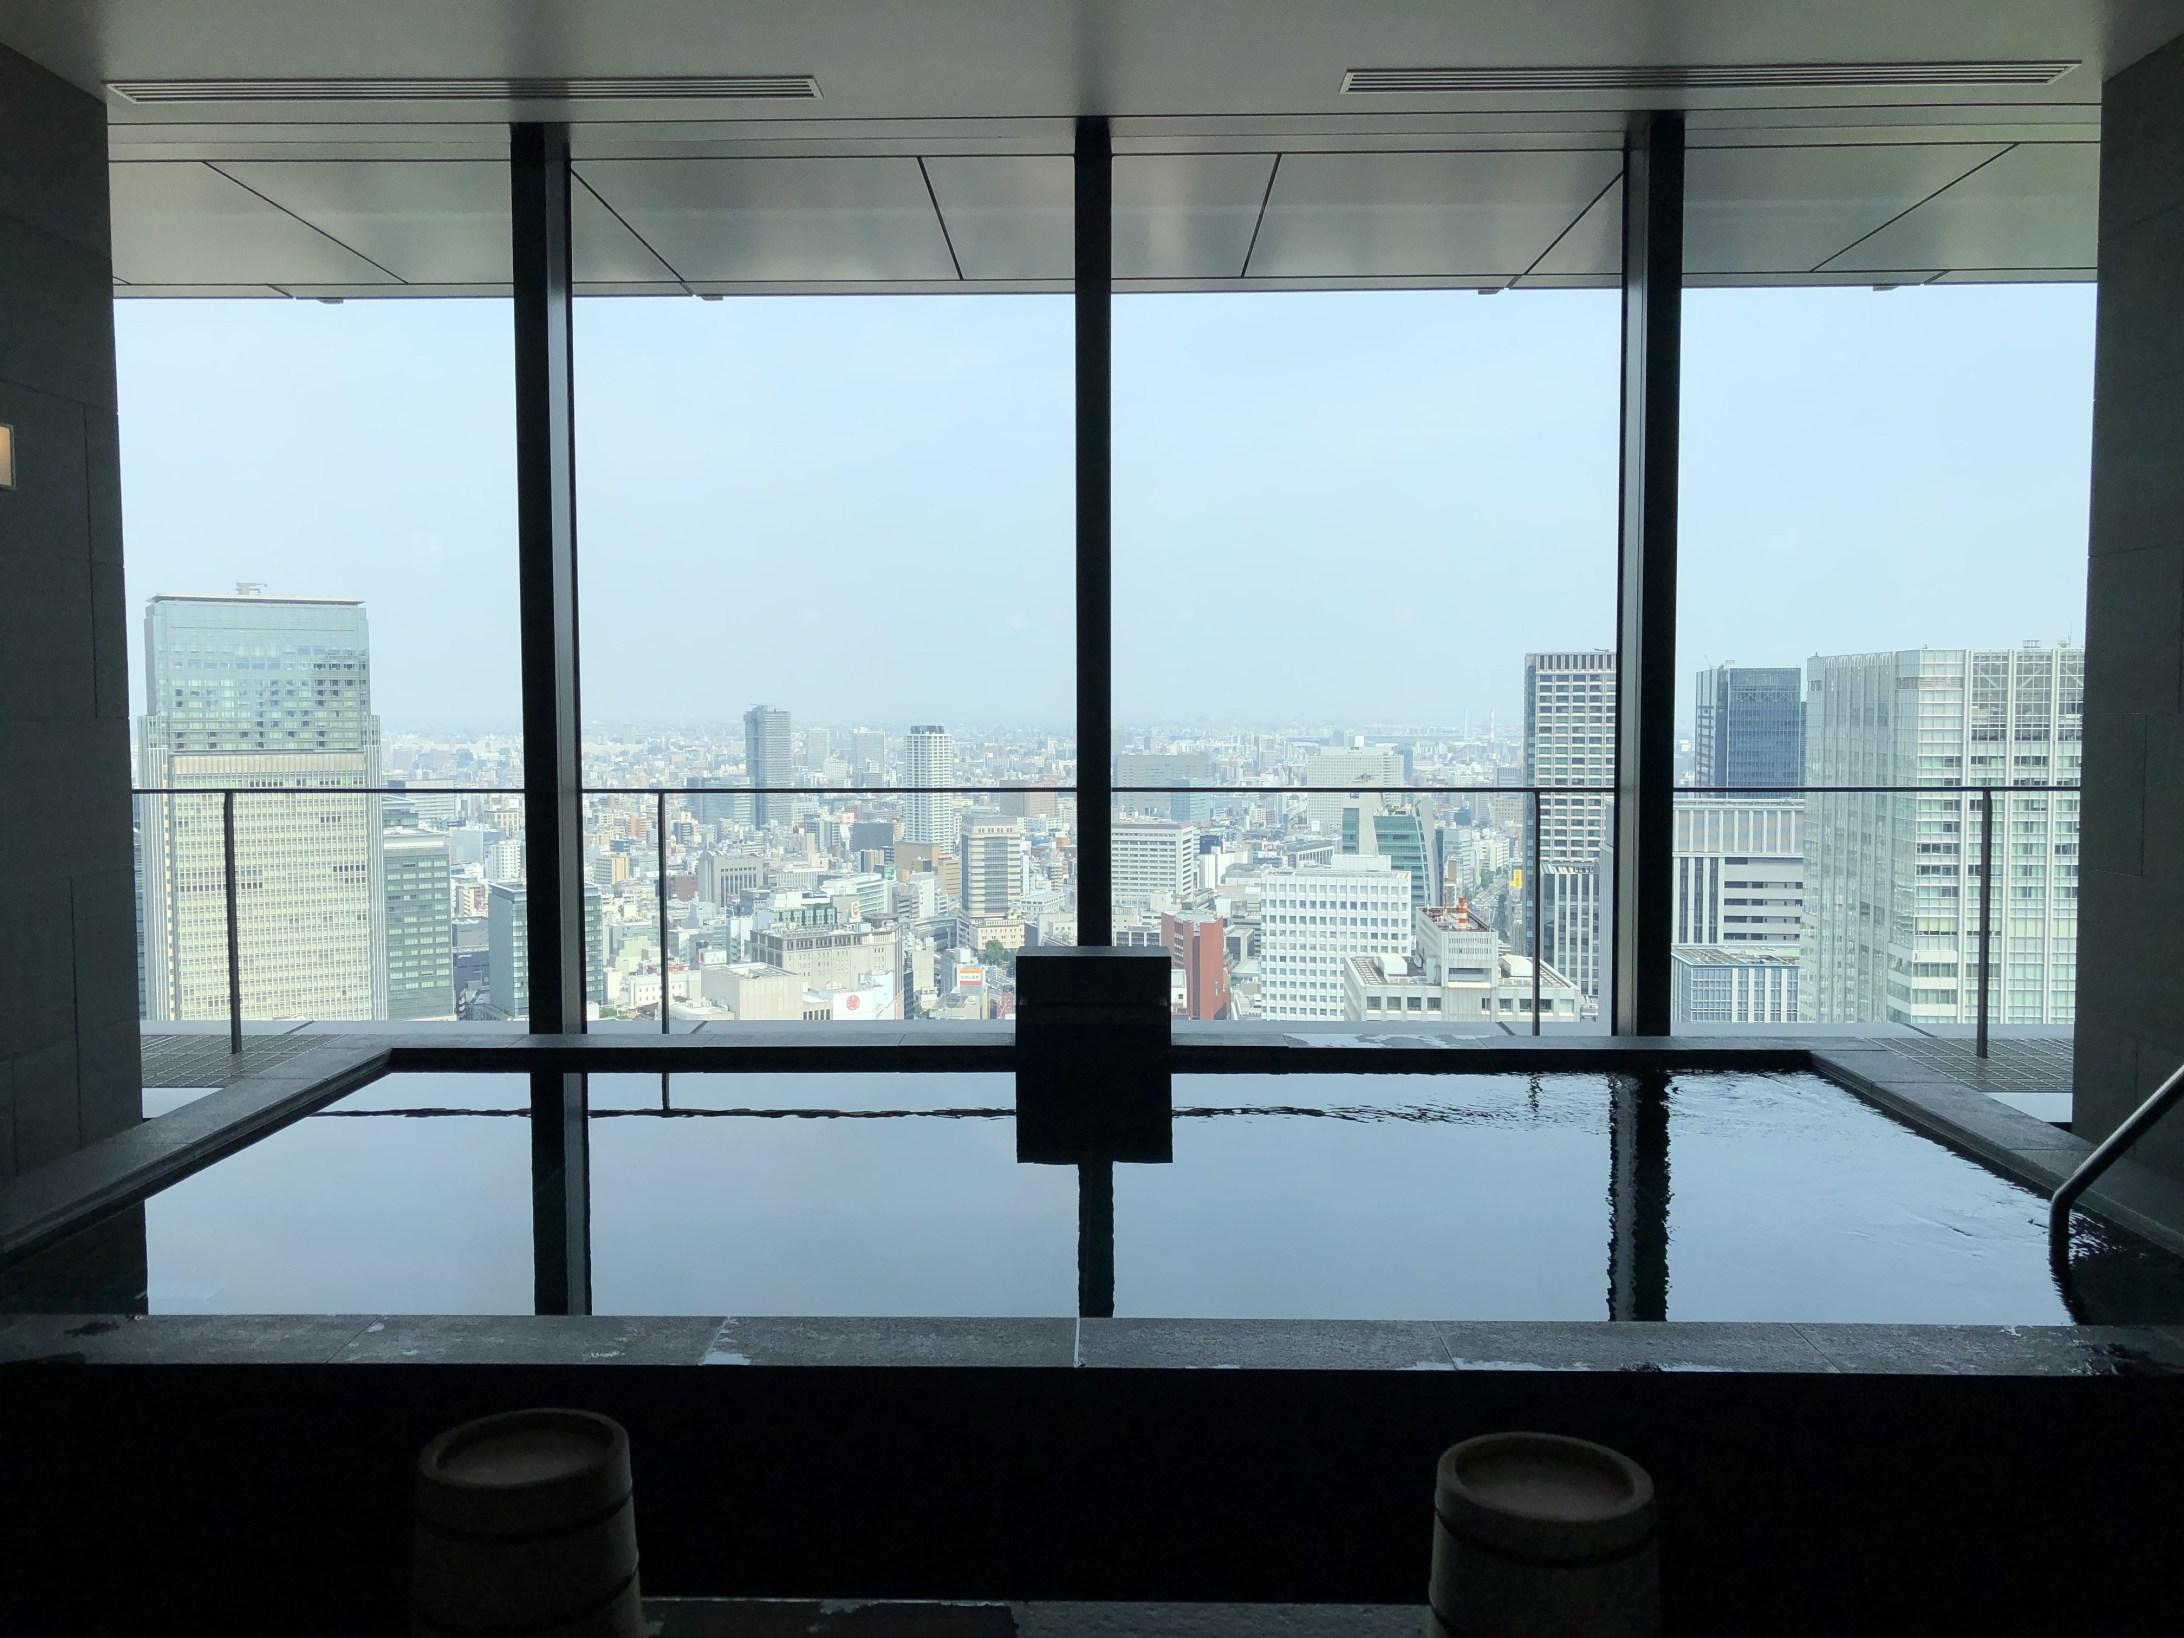 天空に浮かぶ都会のオアシス「アマン・スパ東京」で心身の浄化の旅へ